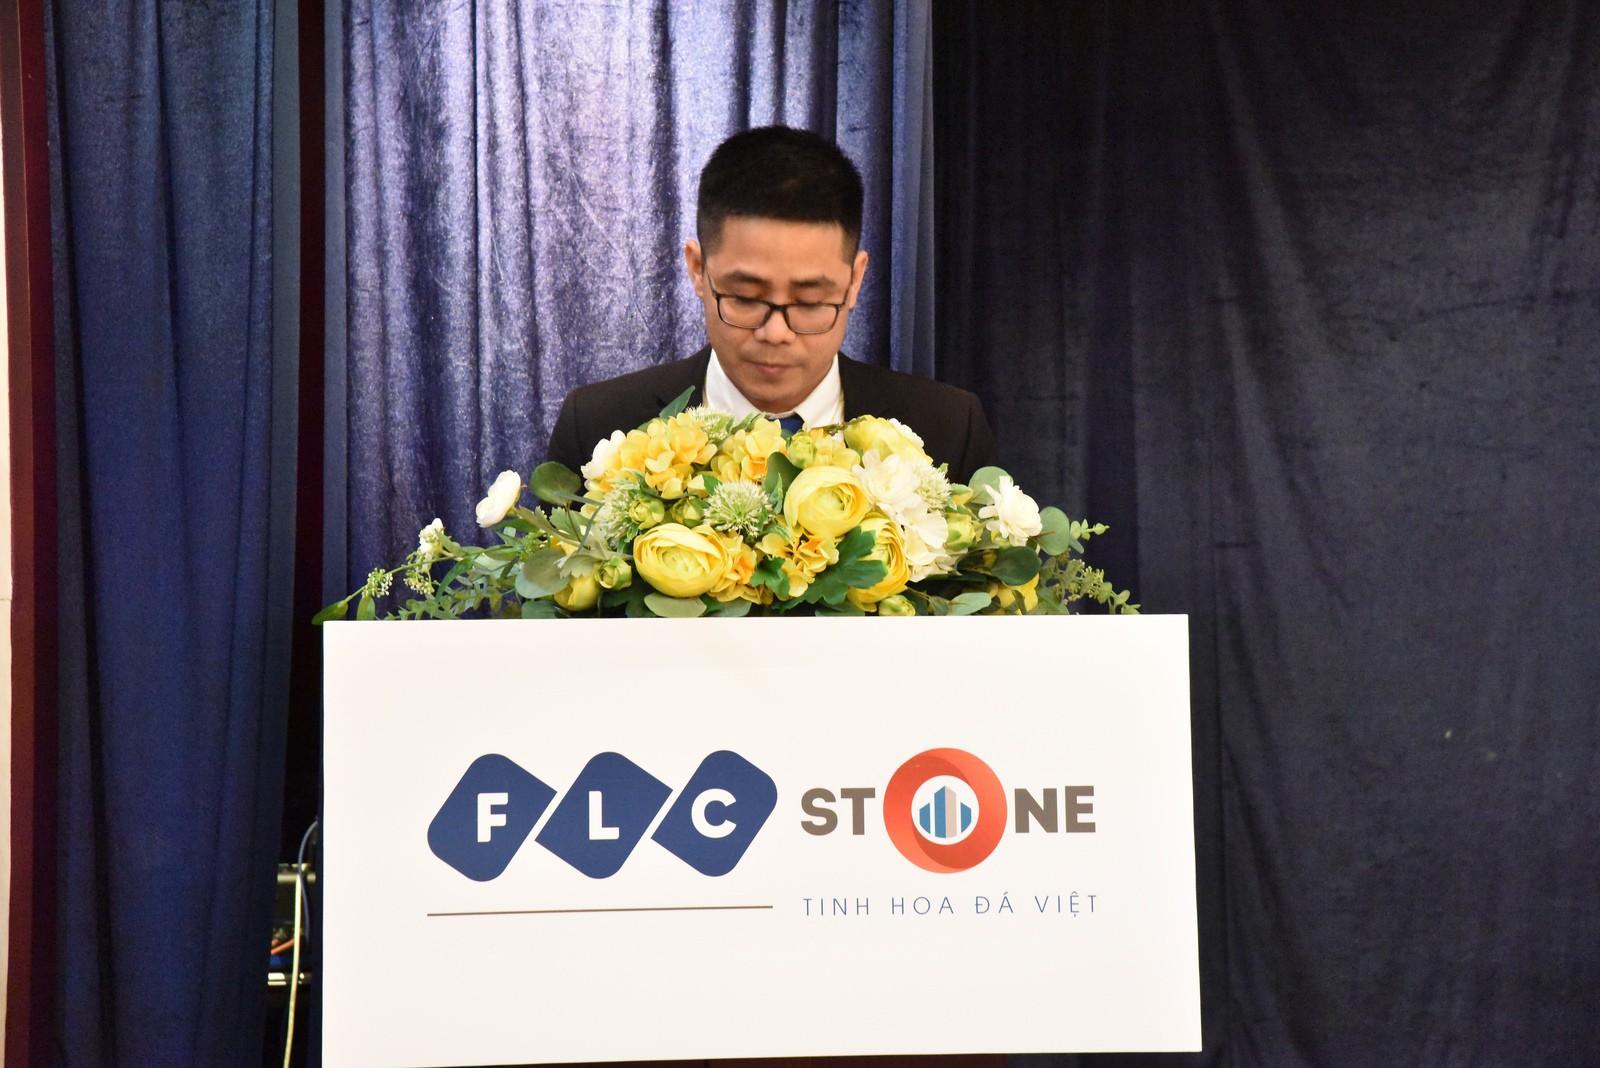 FLC AMD chính thức đổi tên thành FLC Stone - Ảnh 1.